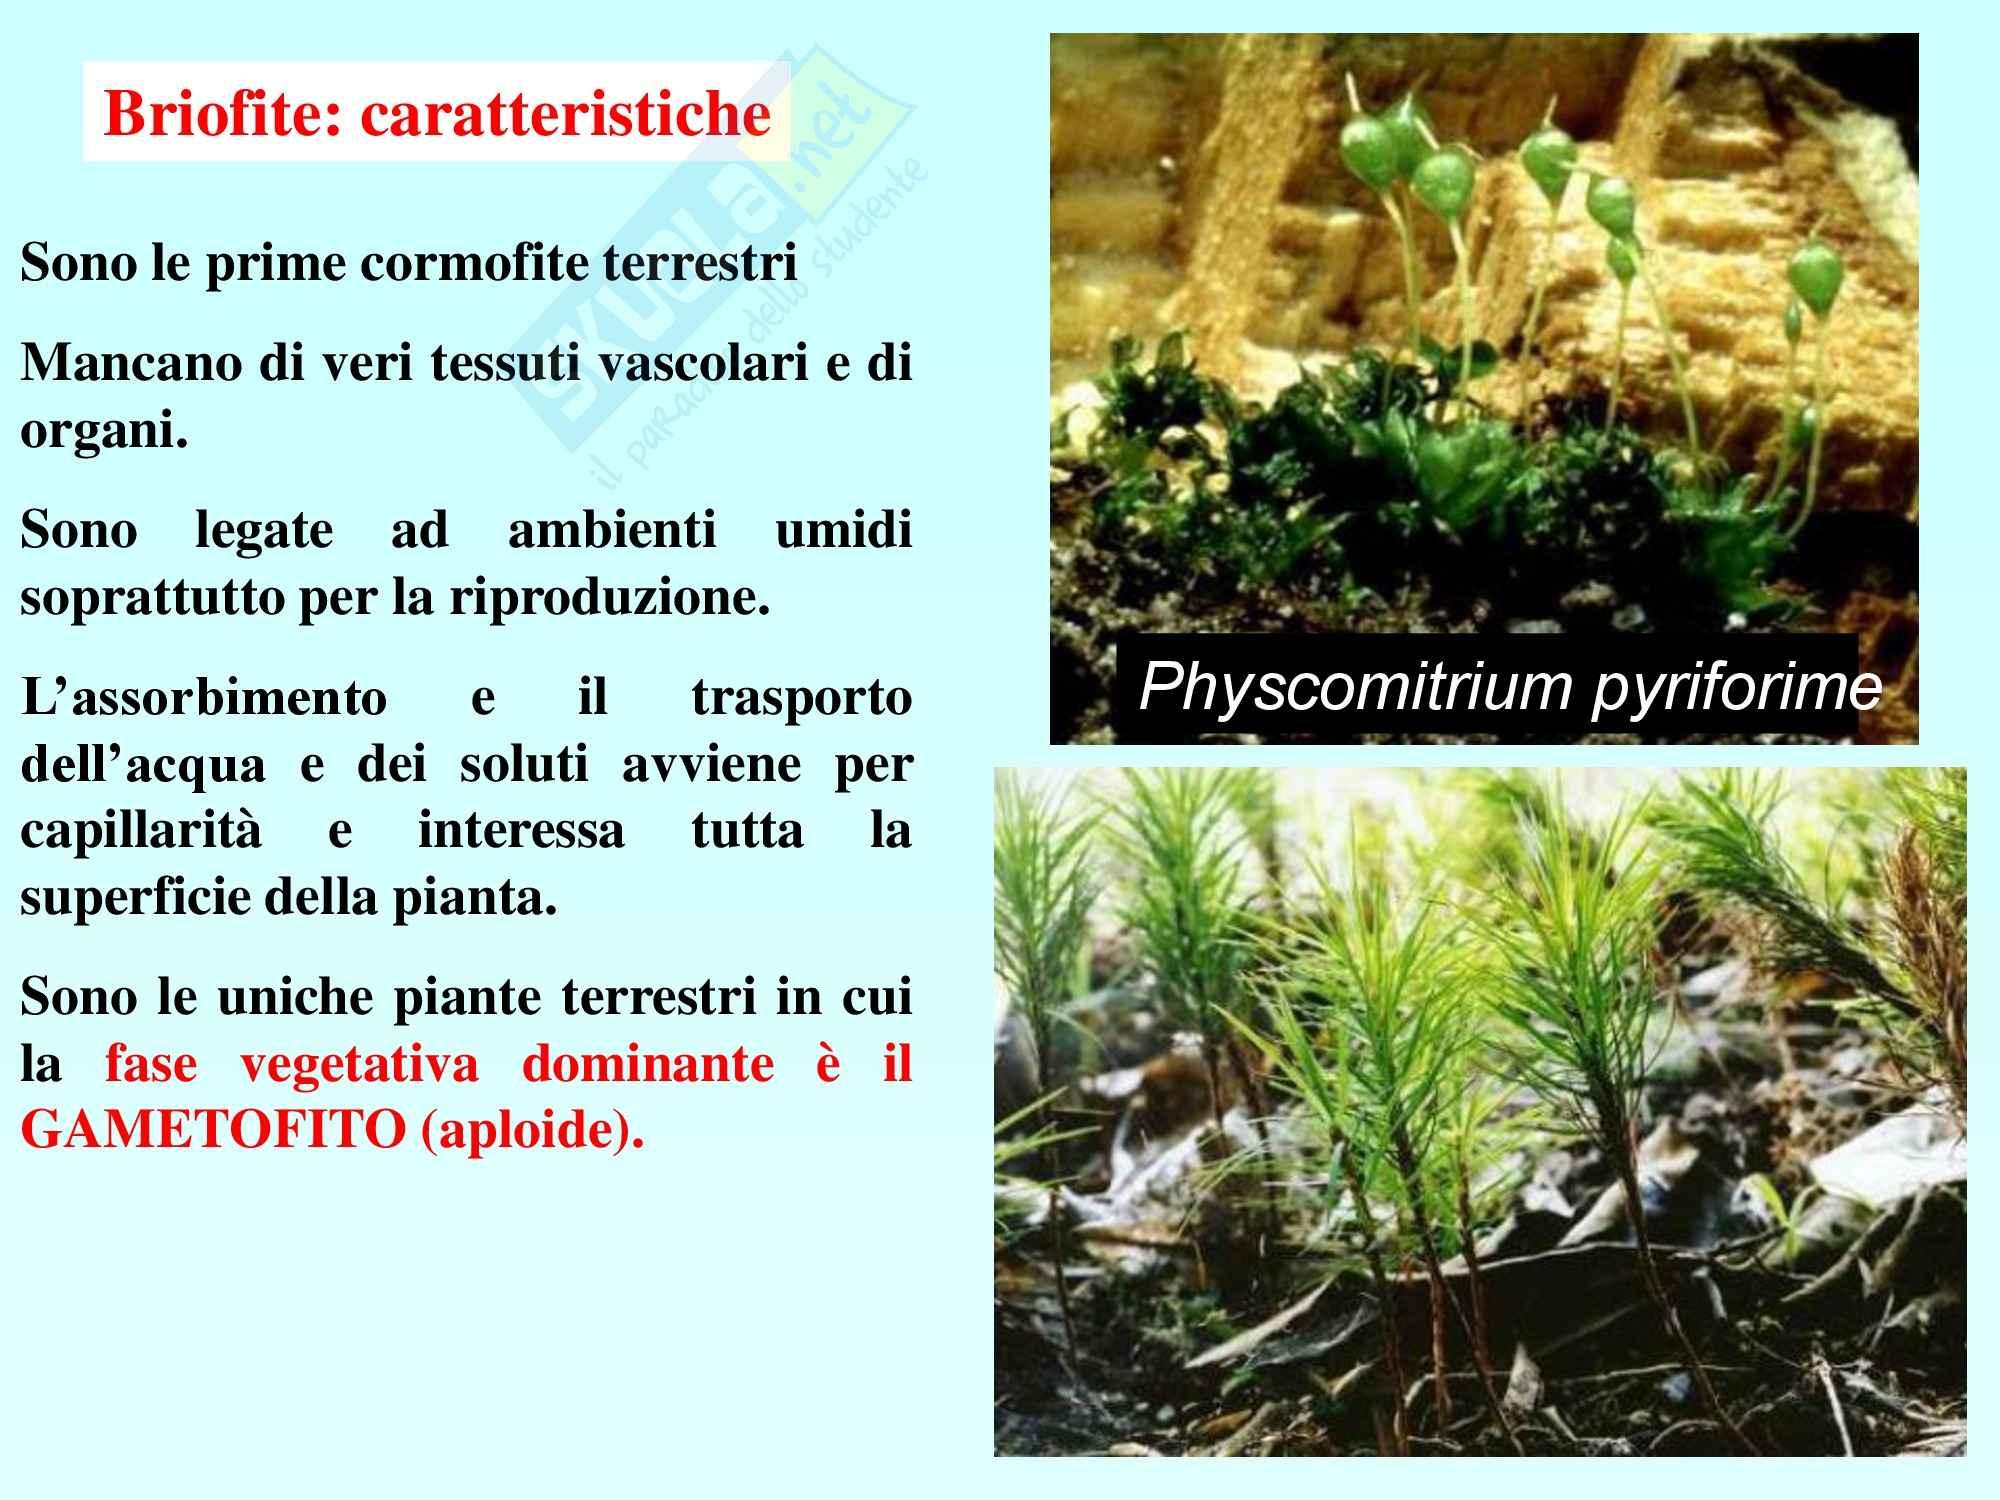 Biologia vegetale - briofite e pteridofite Pag. 6